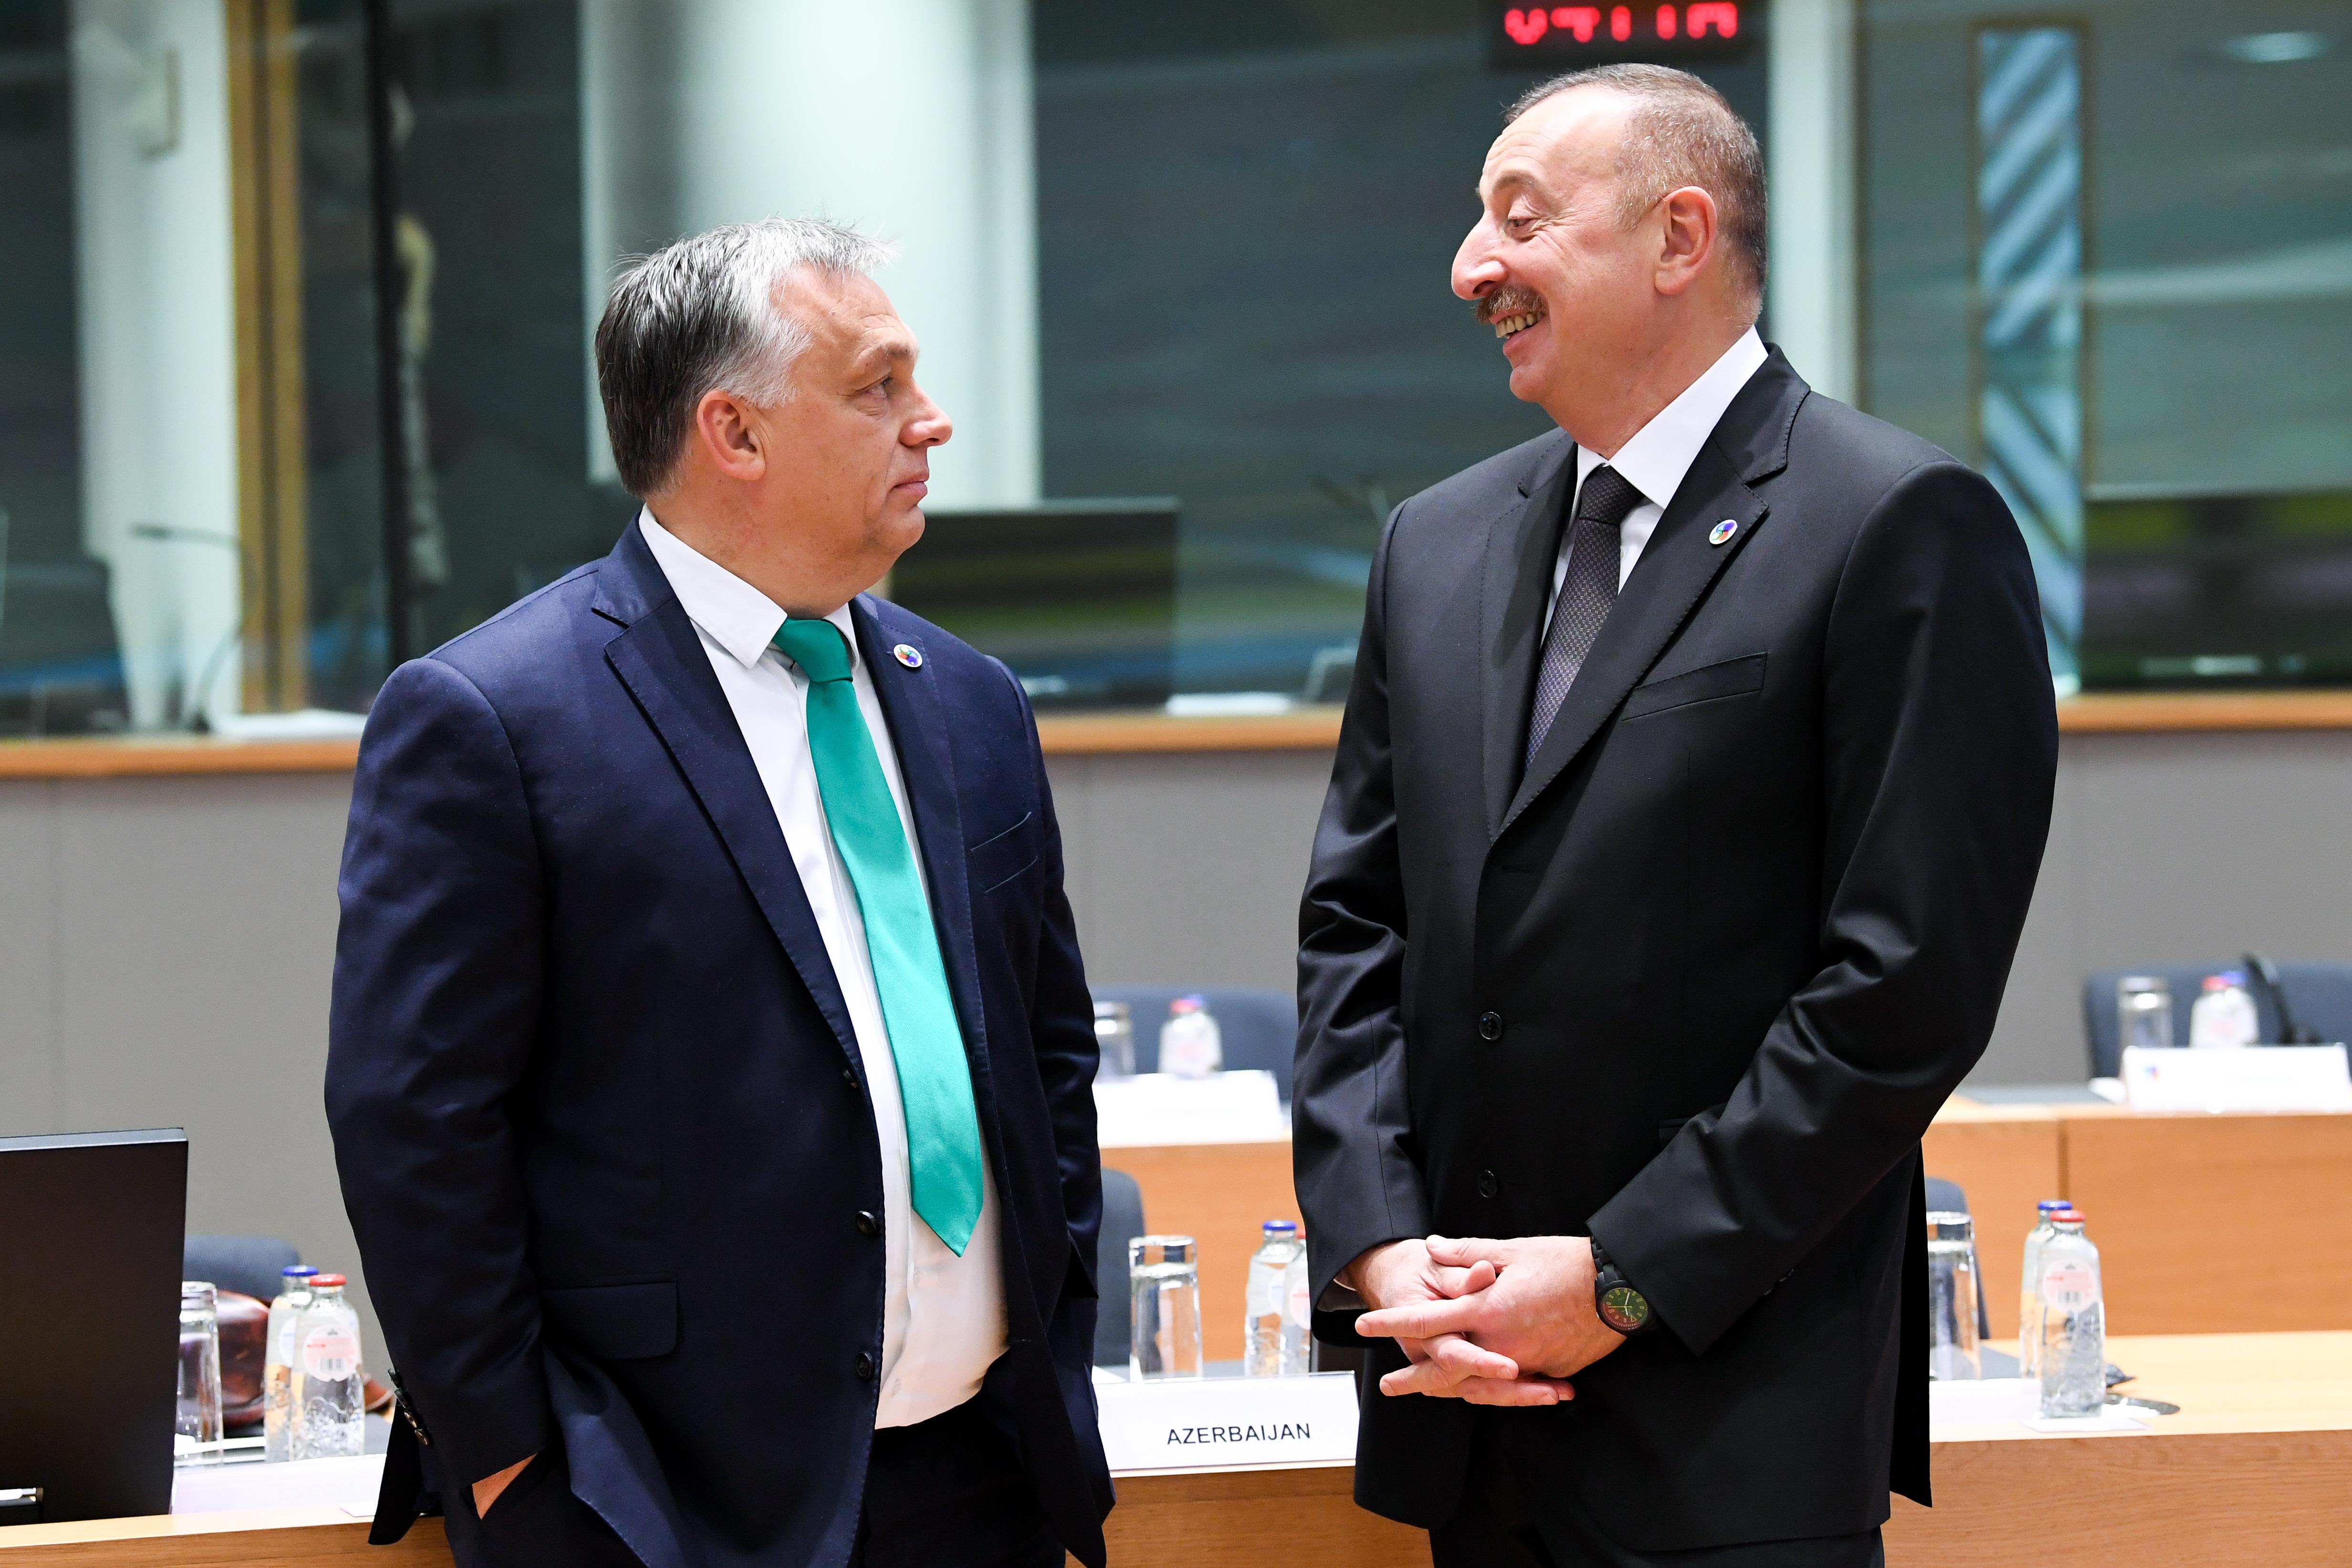 Nem csak Magyarországon vetették be újságírók ellen az izraeli kémprogramot